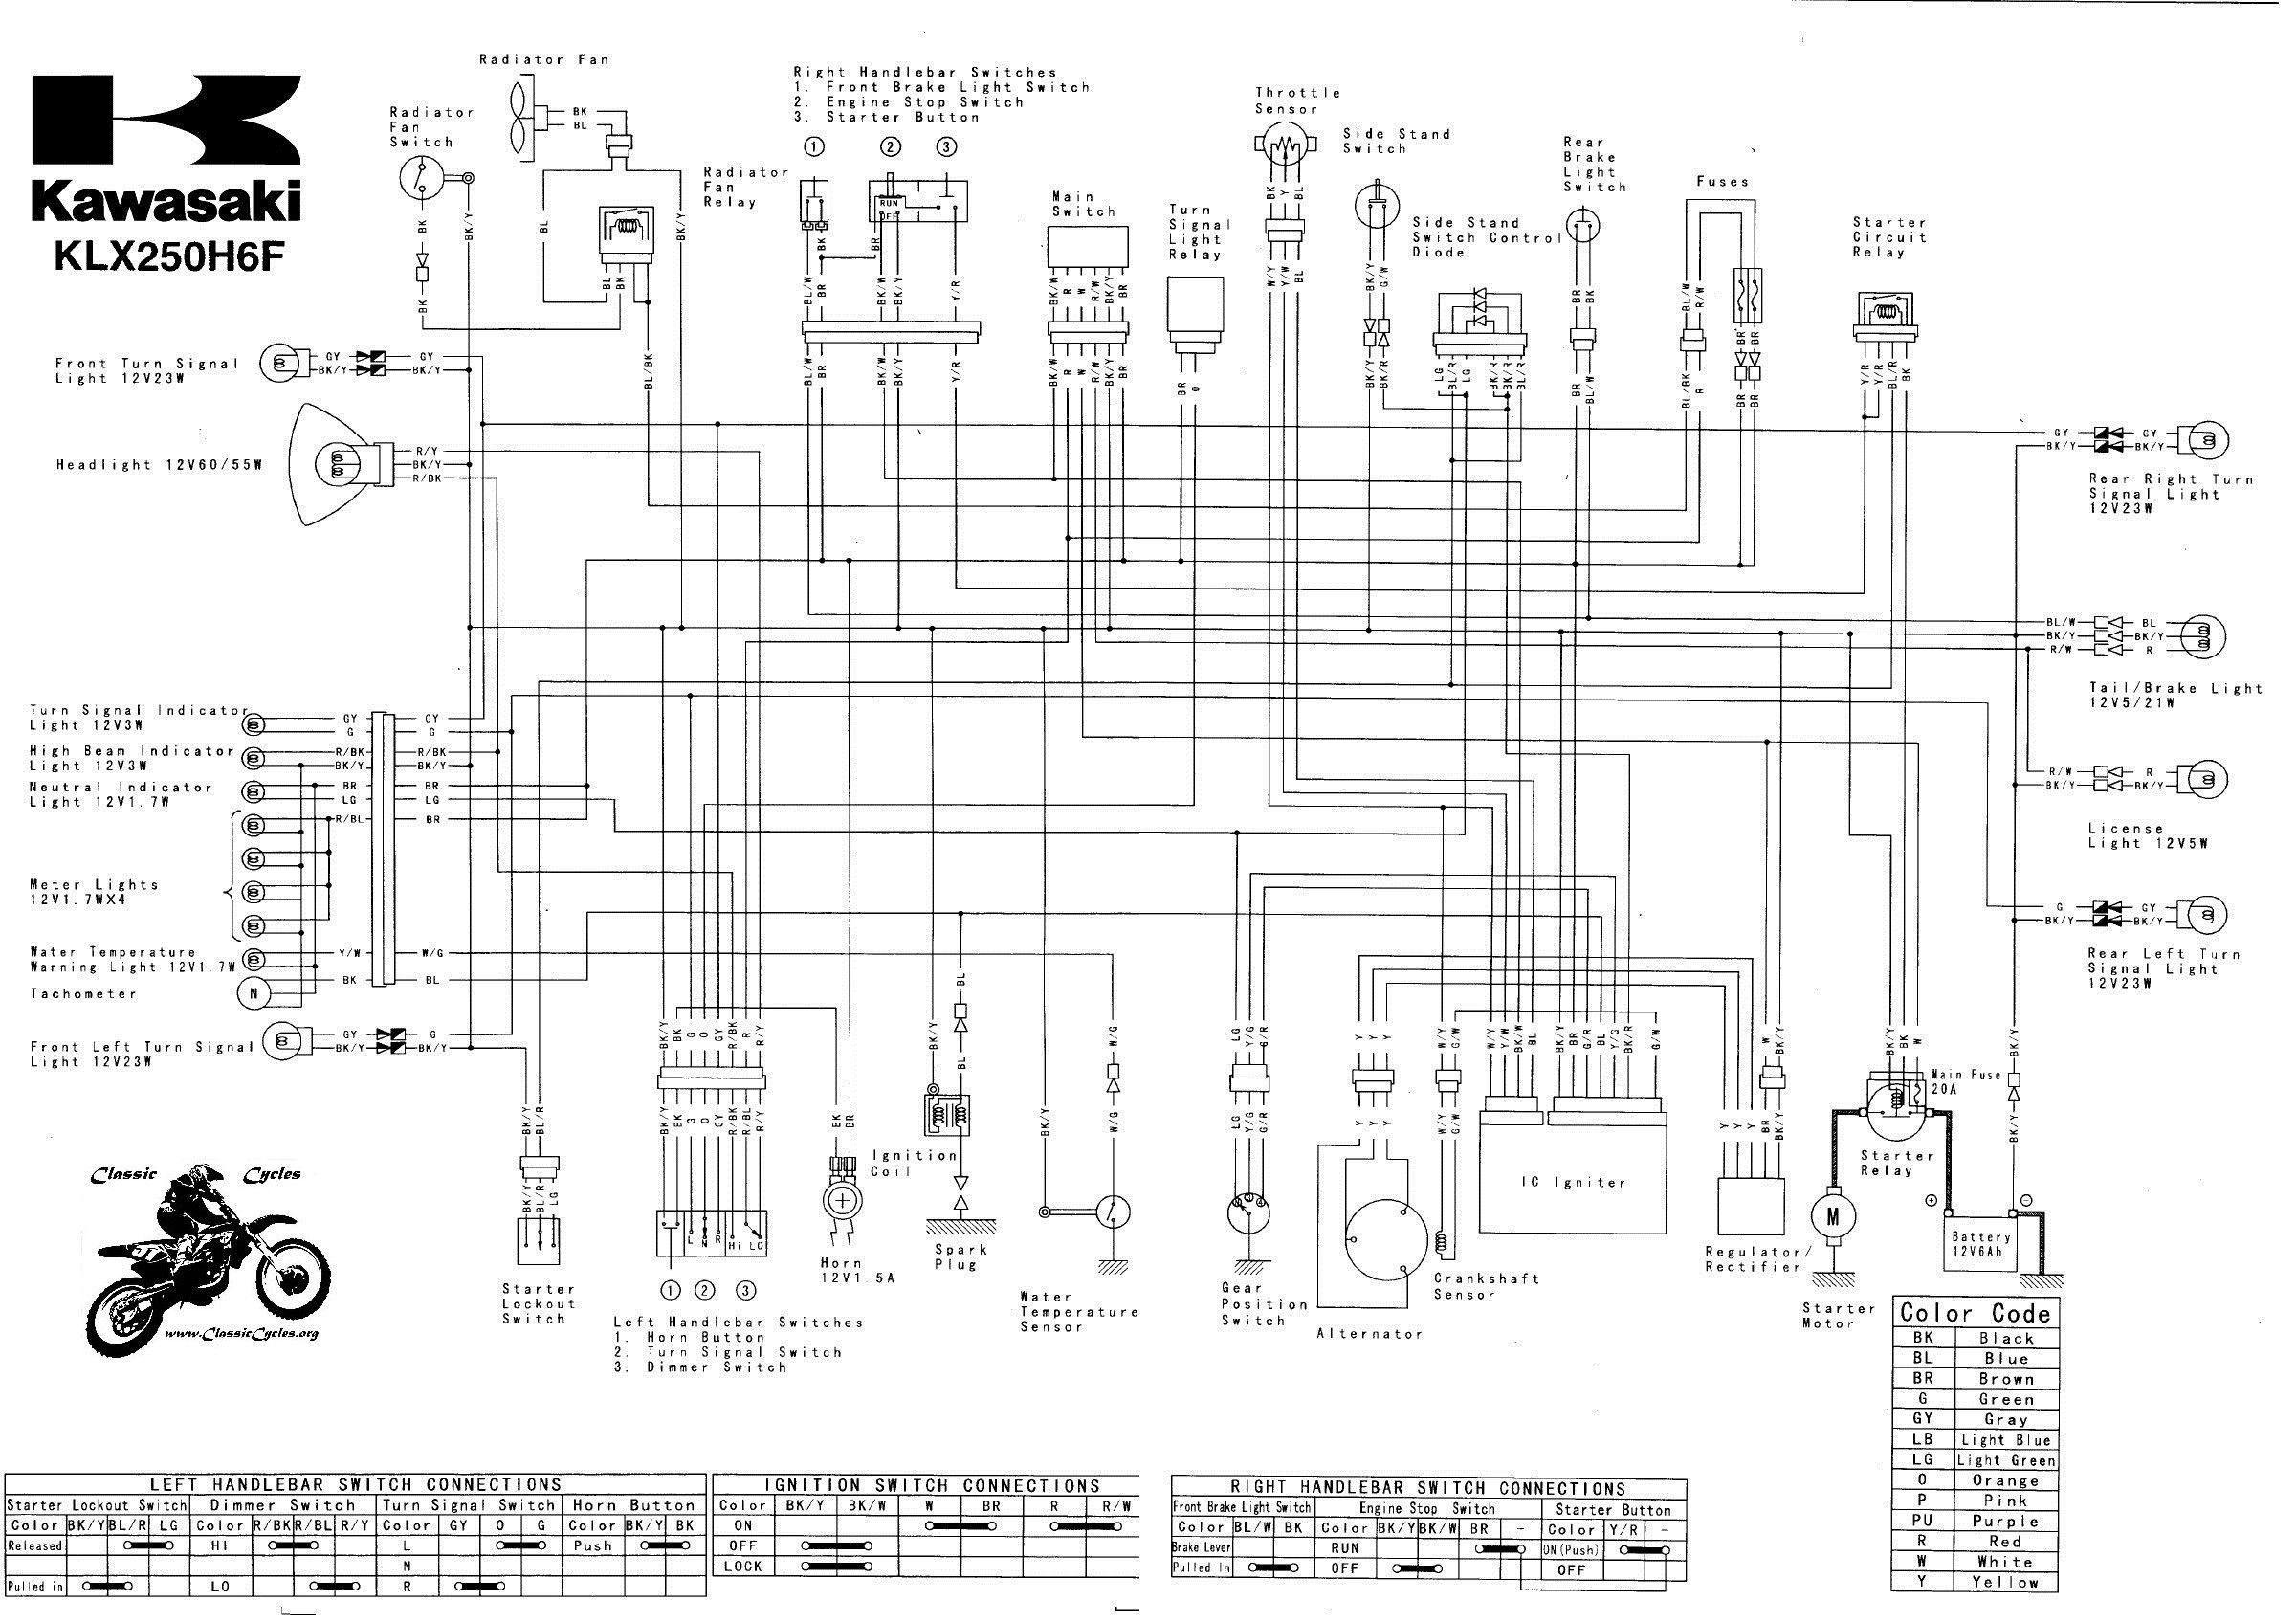 Best Of Kawasaki Motorcycle Wiring Diagram In 2020